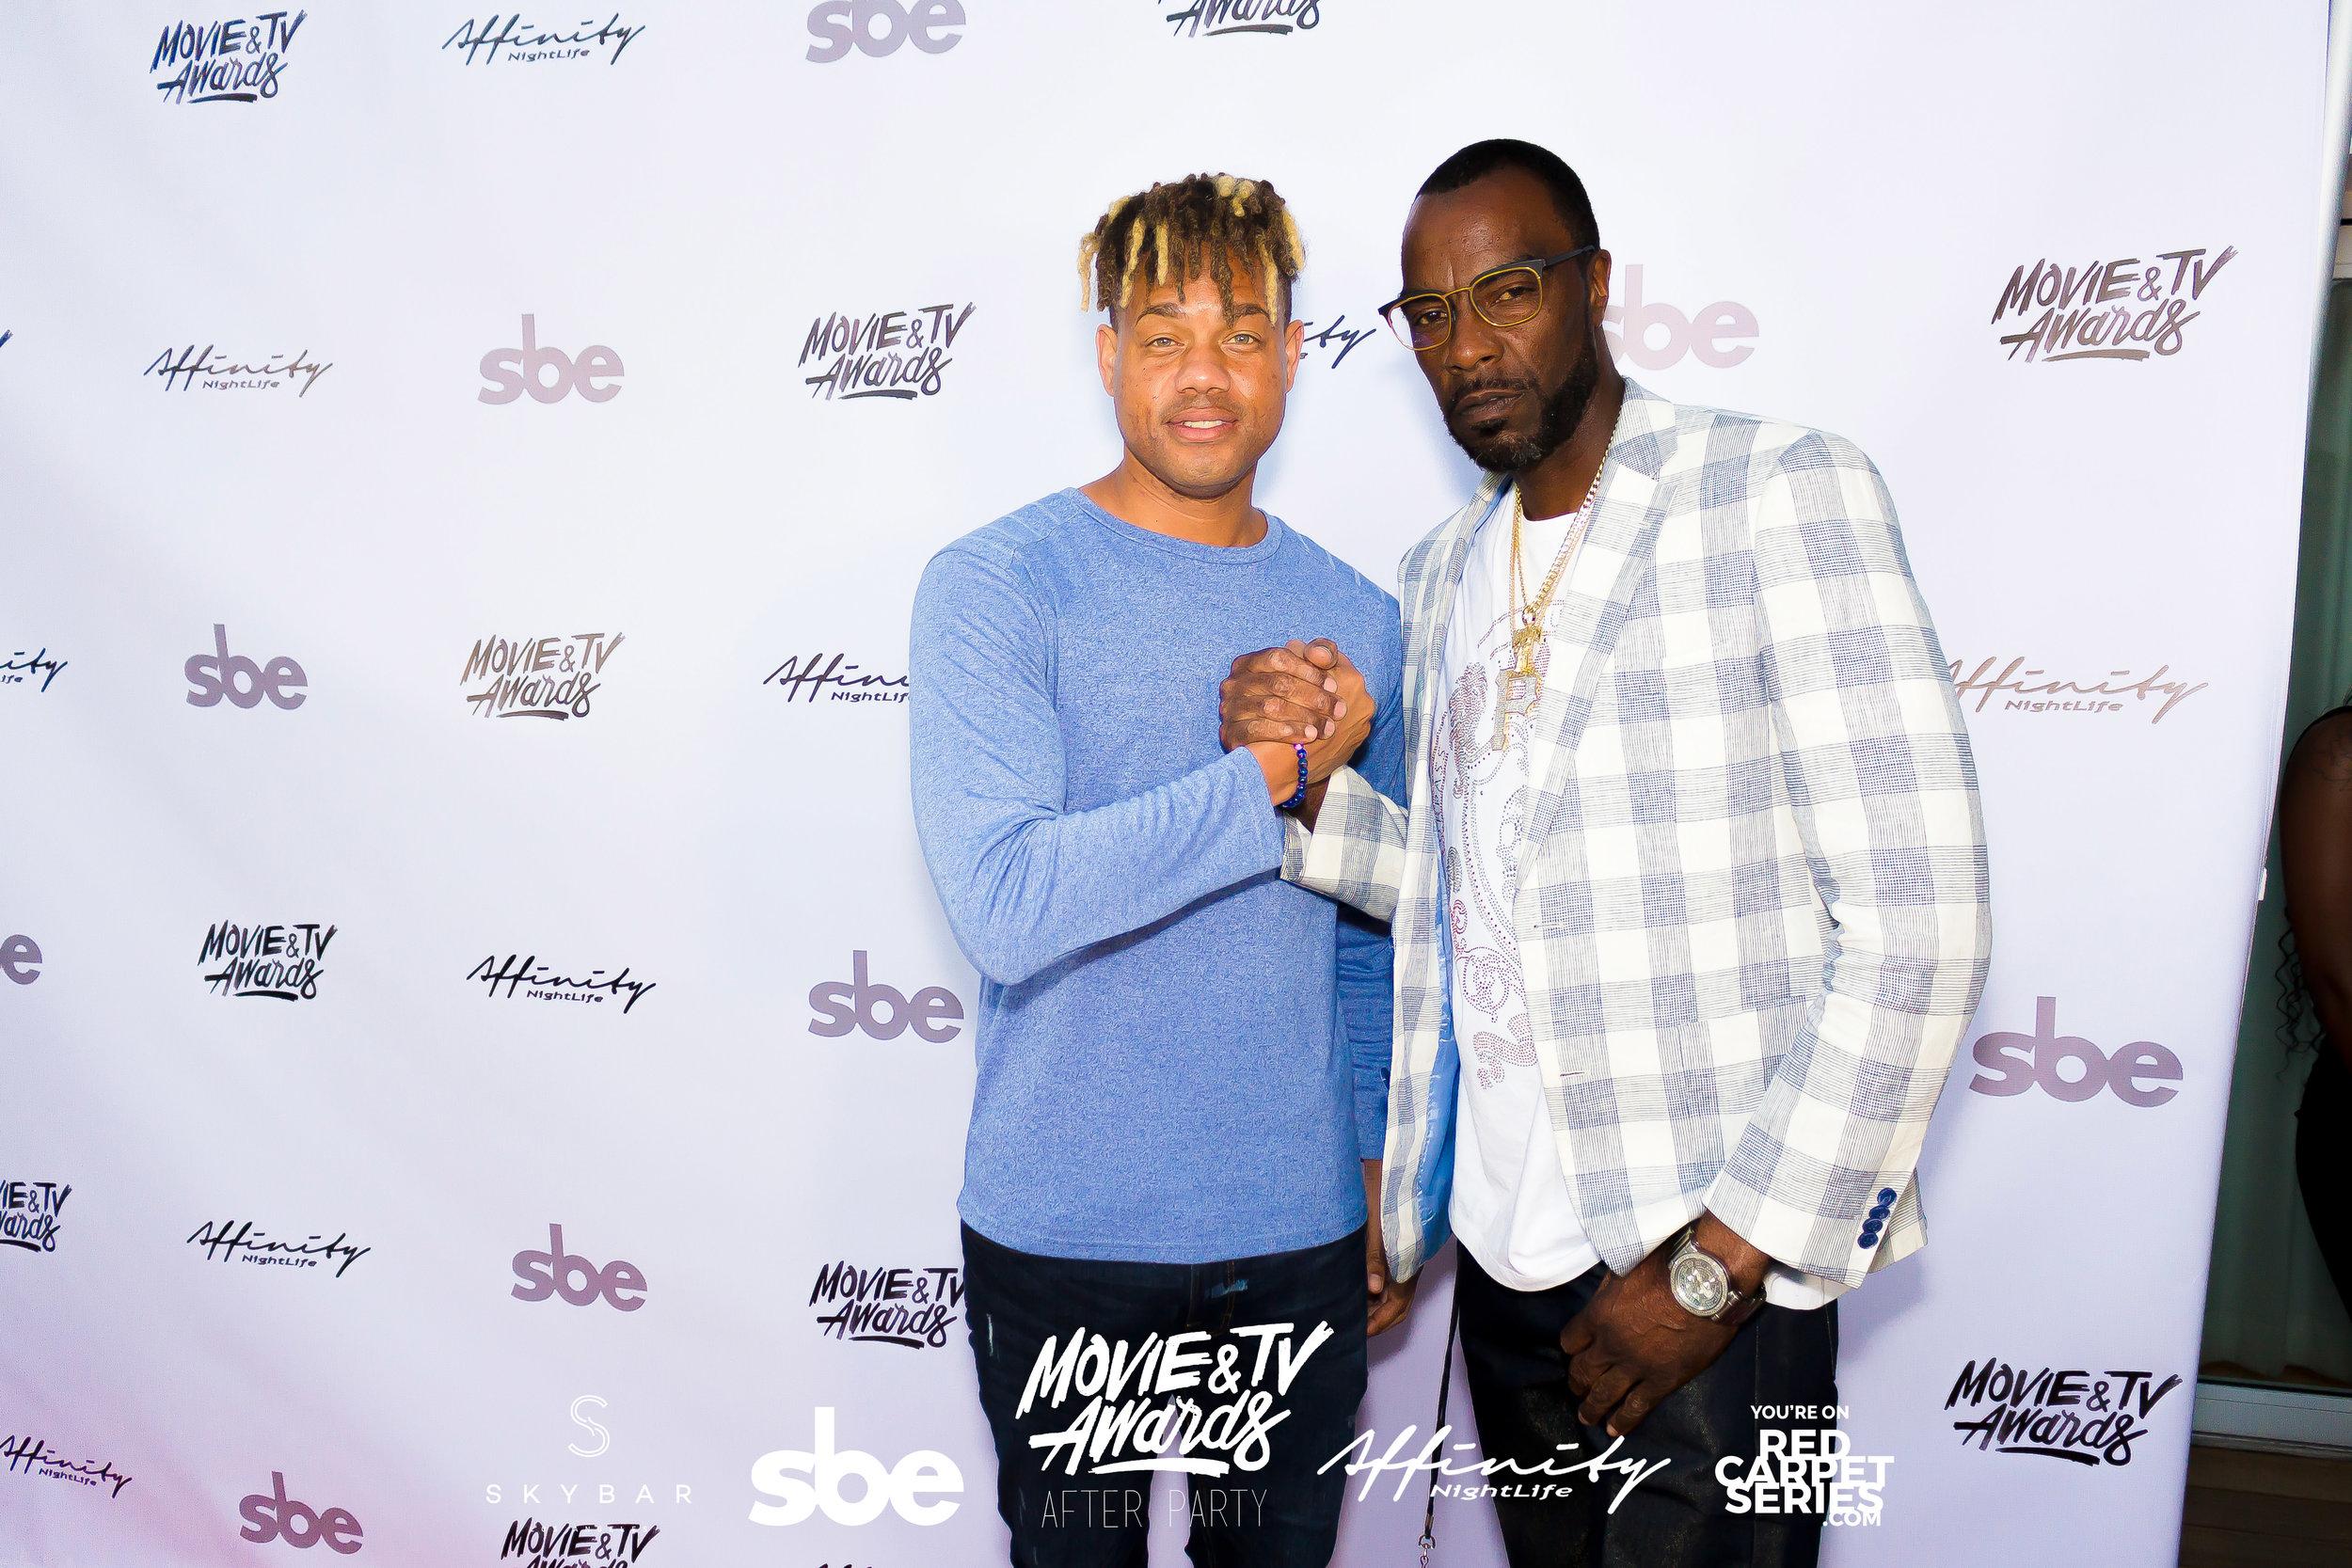 Affinity Nightlife MTV Movie & TV Awards After Party - Skybar at Mondrian - 06-15-19 - Vol. 1_2.jpg